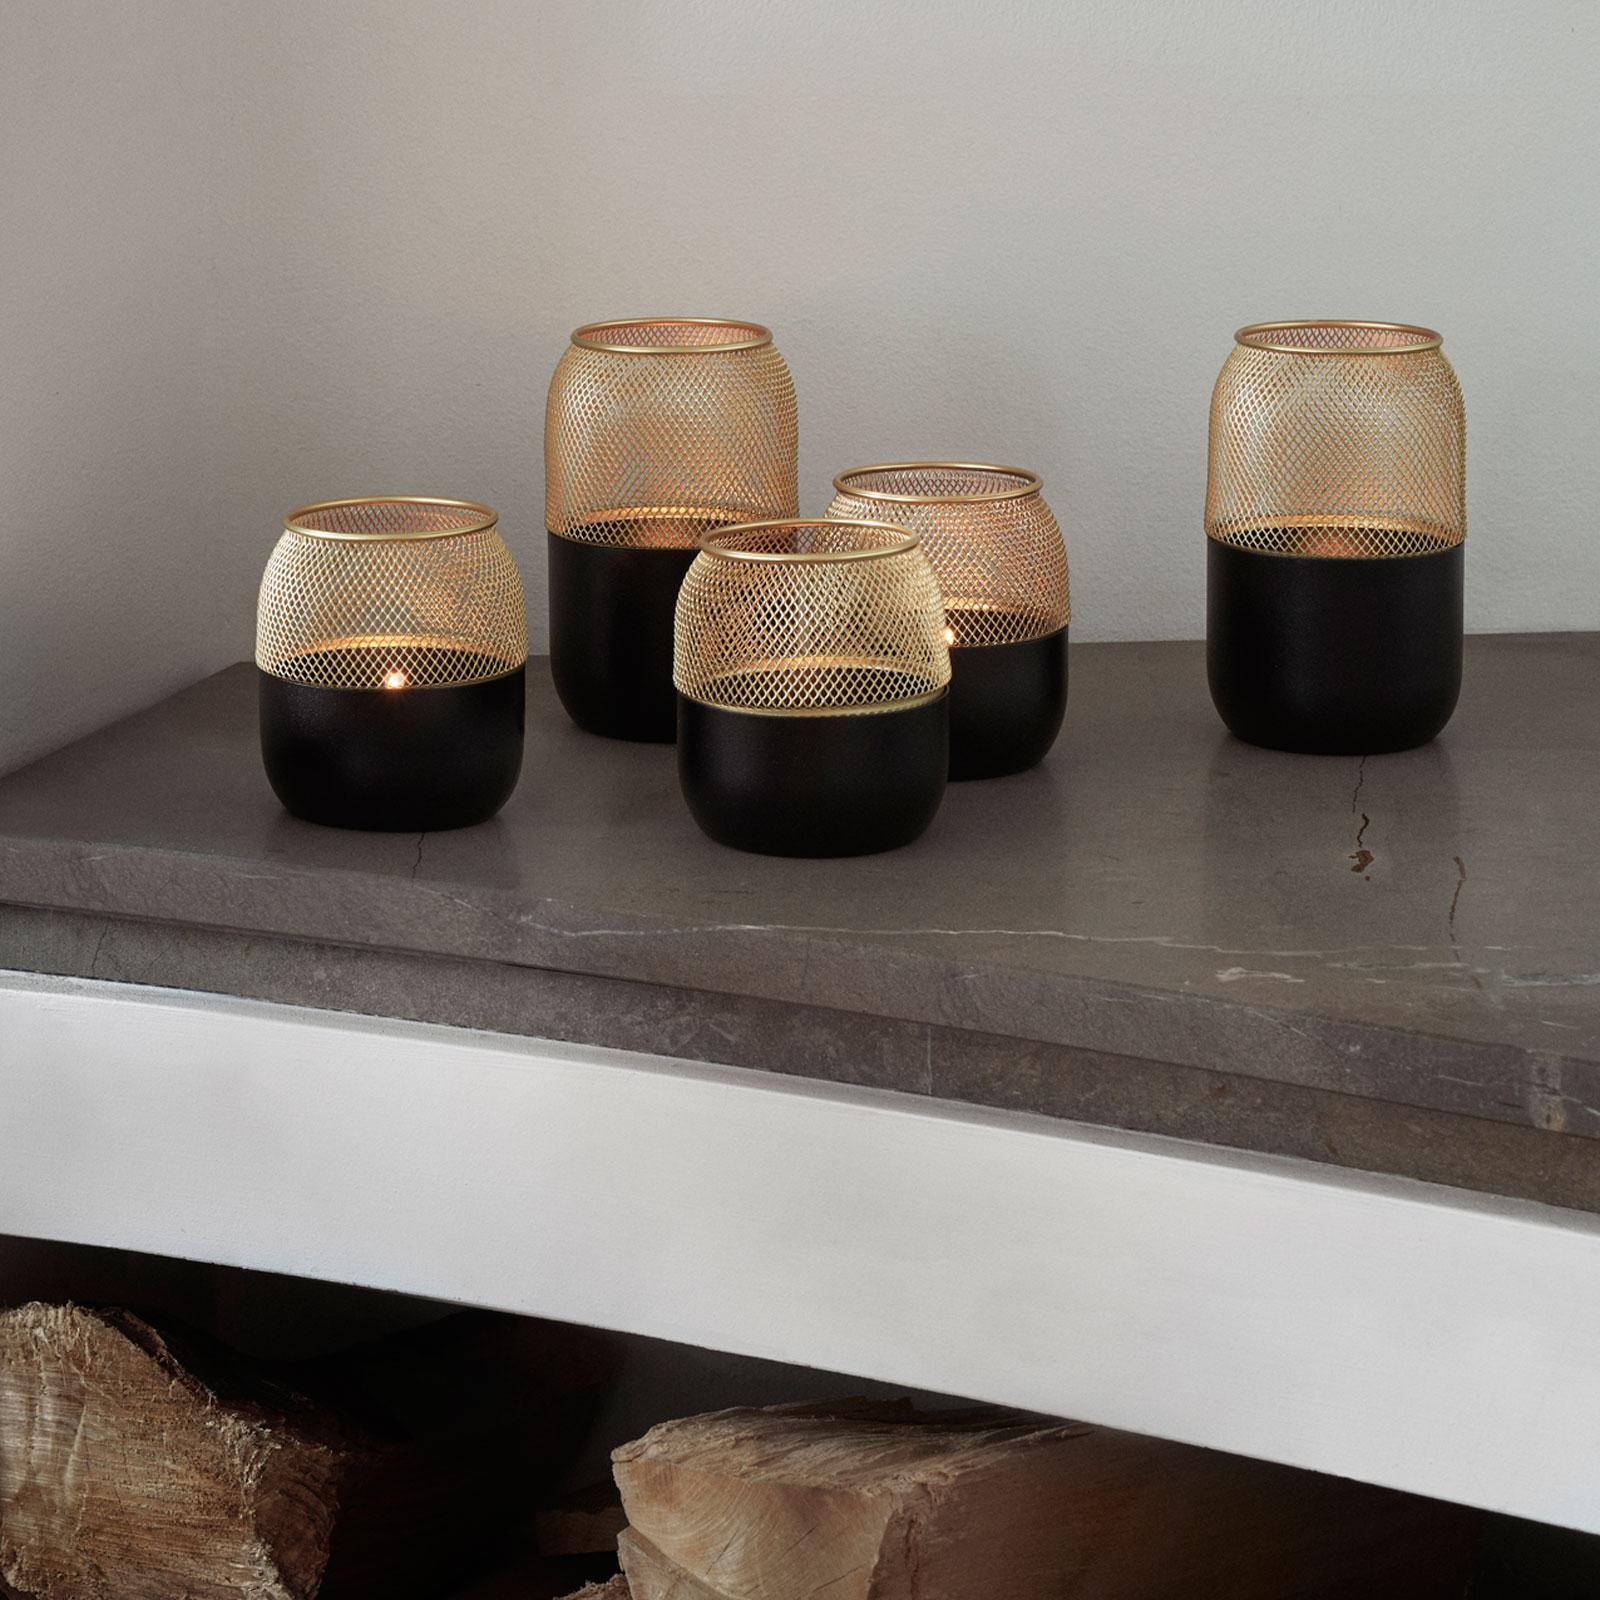 stelton Collar Teelichthalter black matt schwarz + Messing verschiedene Größen